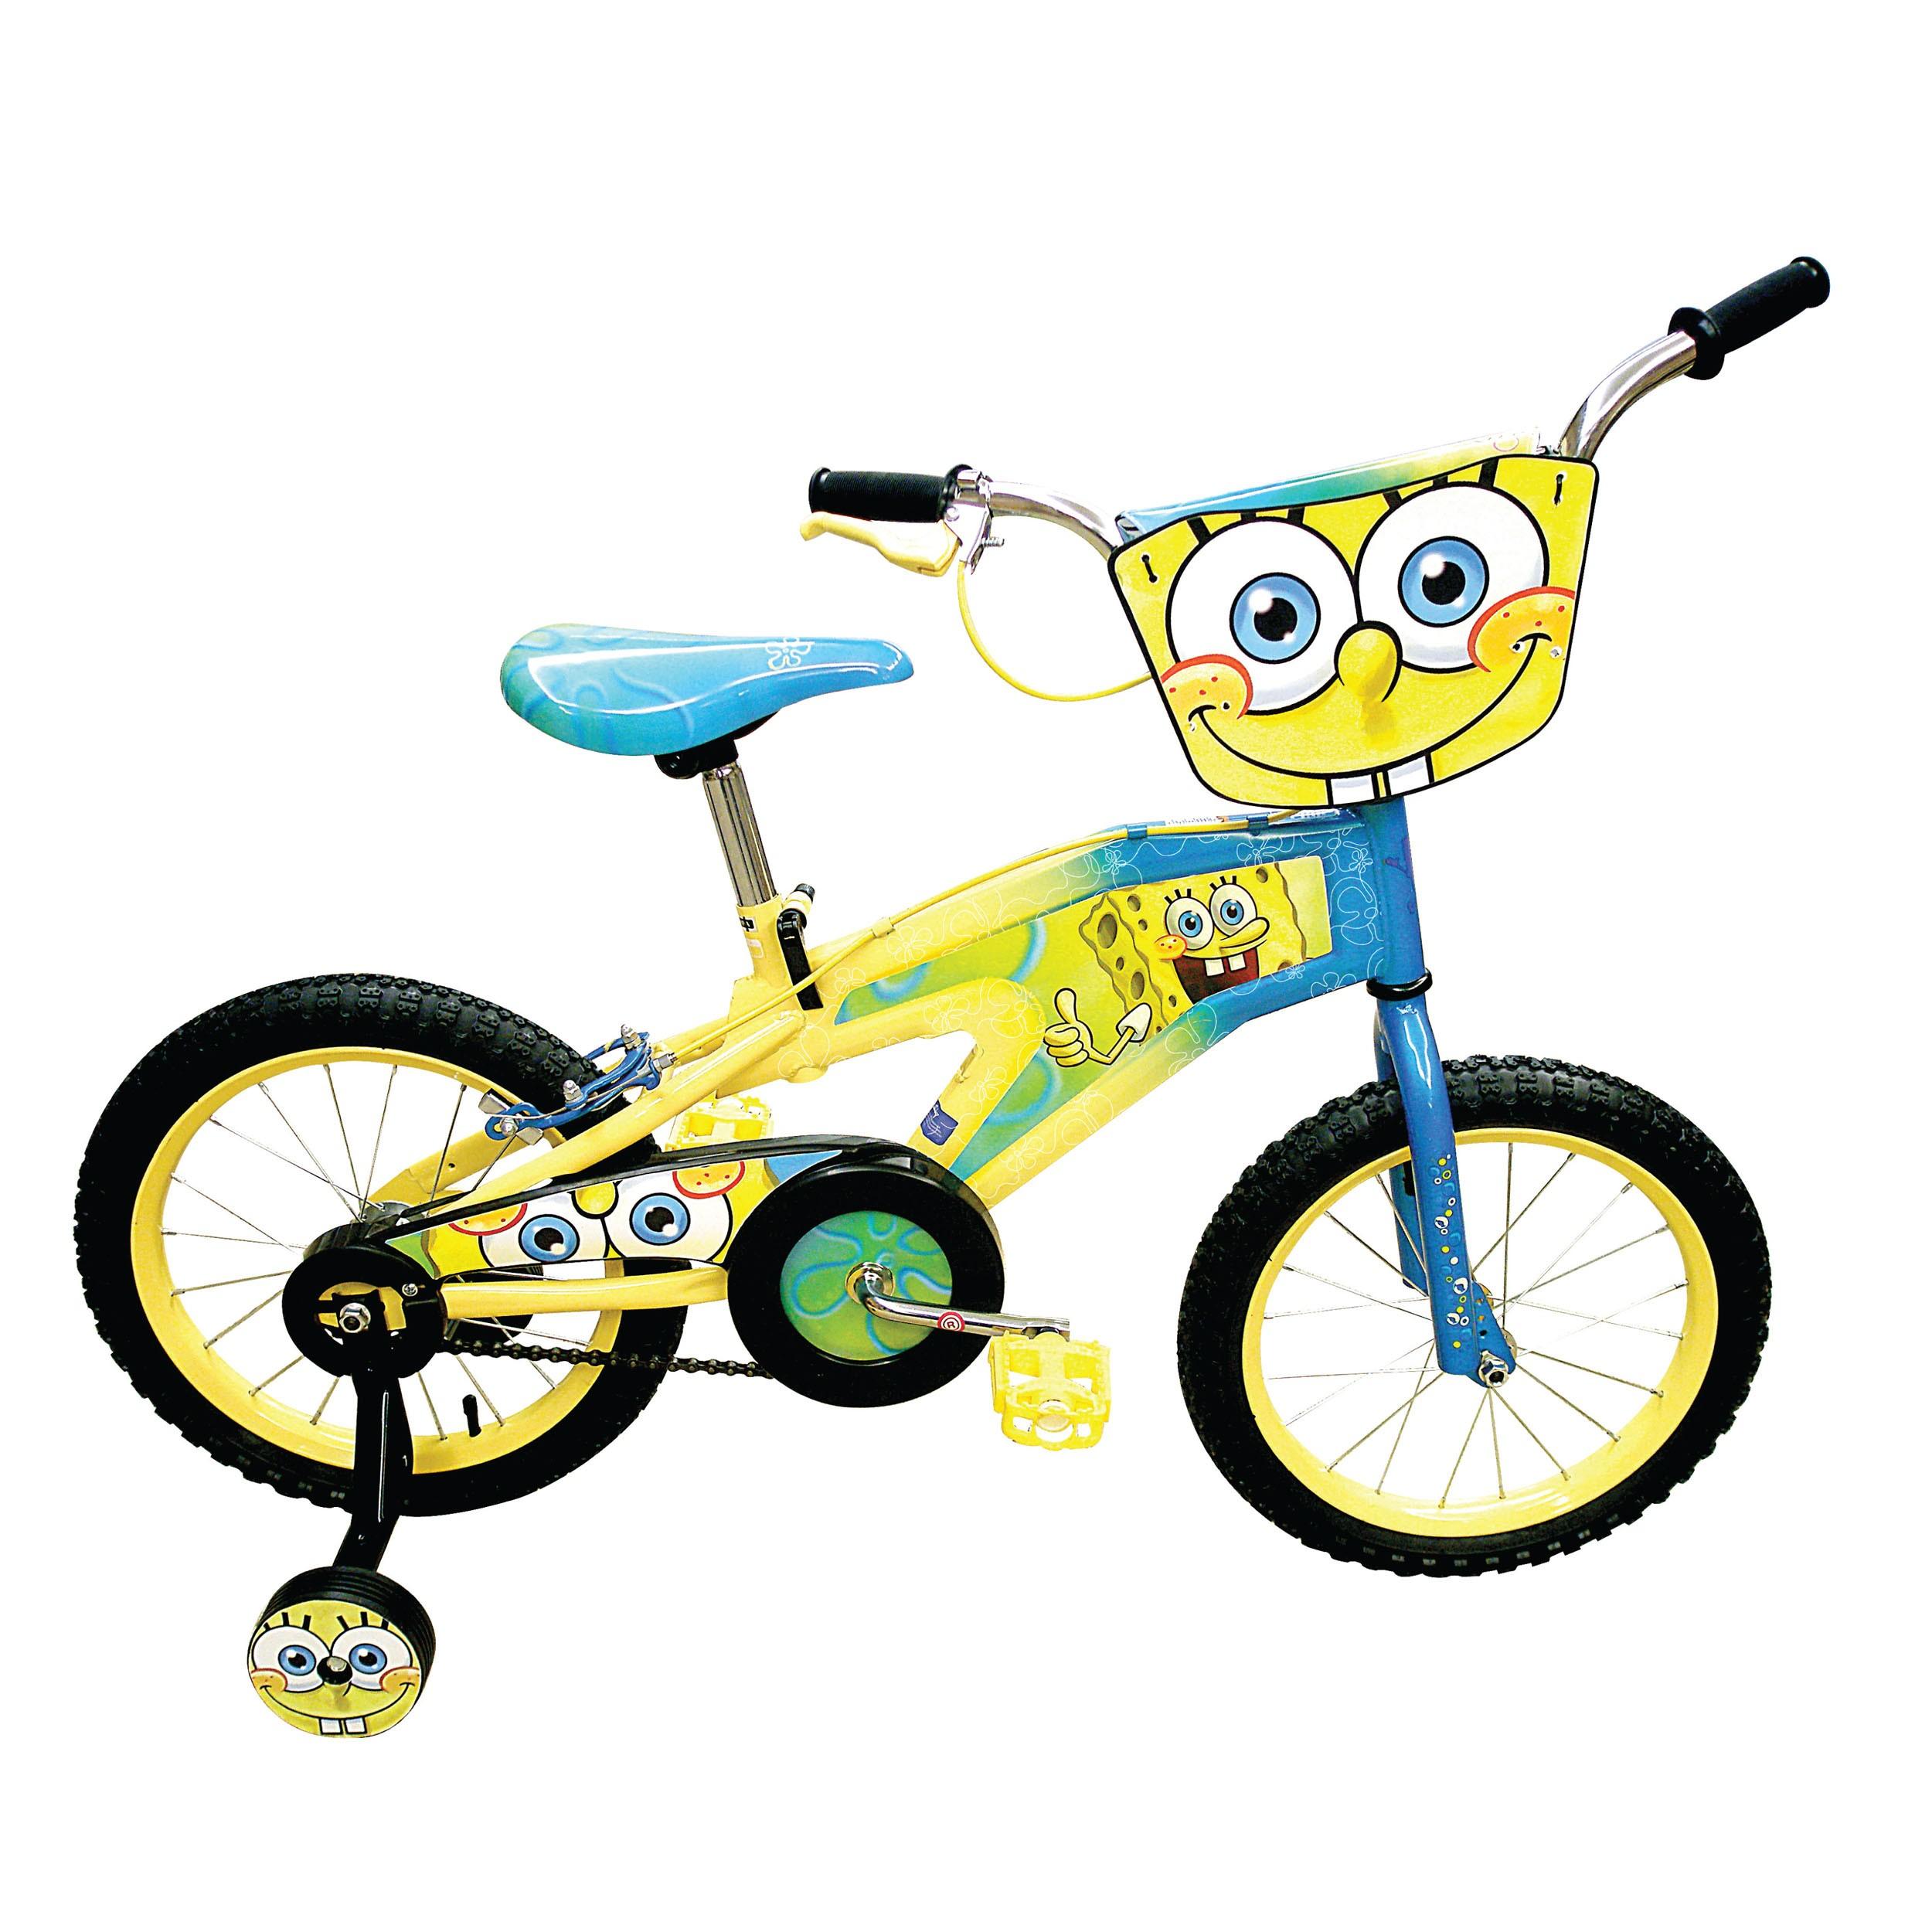 Spongebob 16 inch Cycle Force Bike